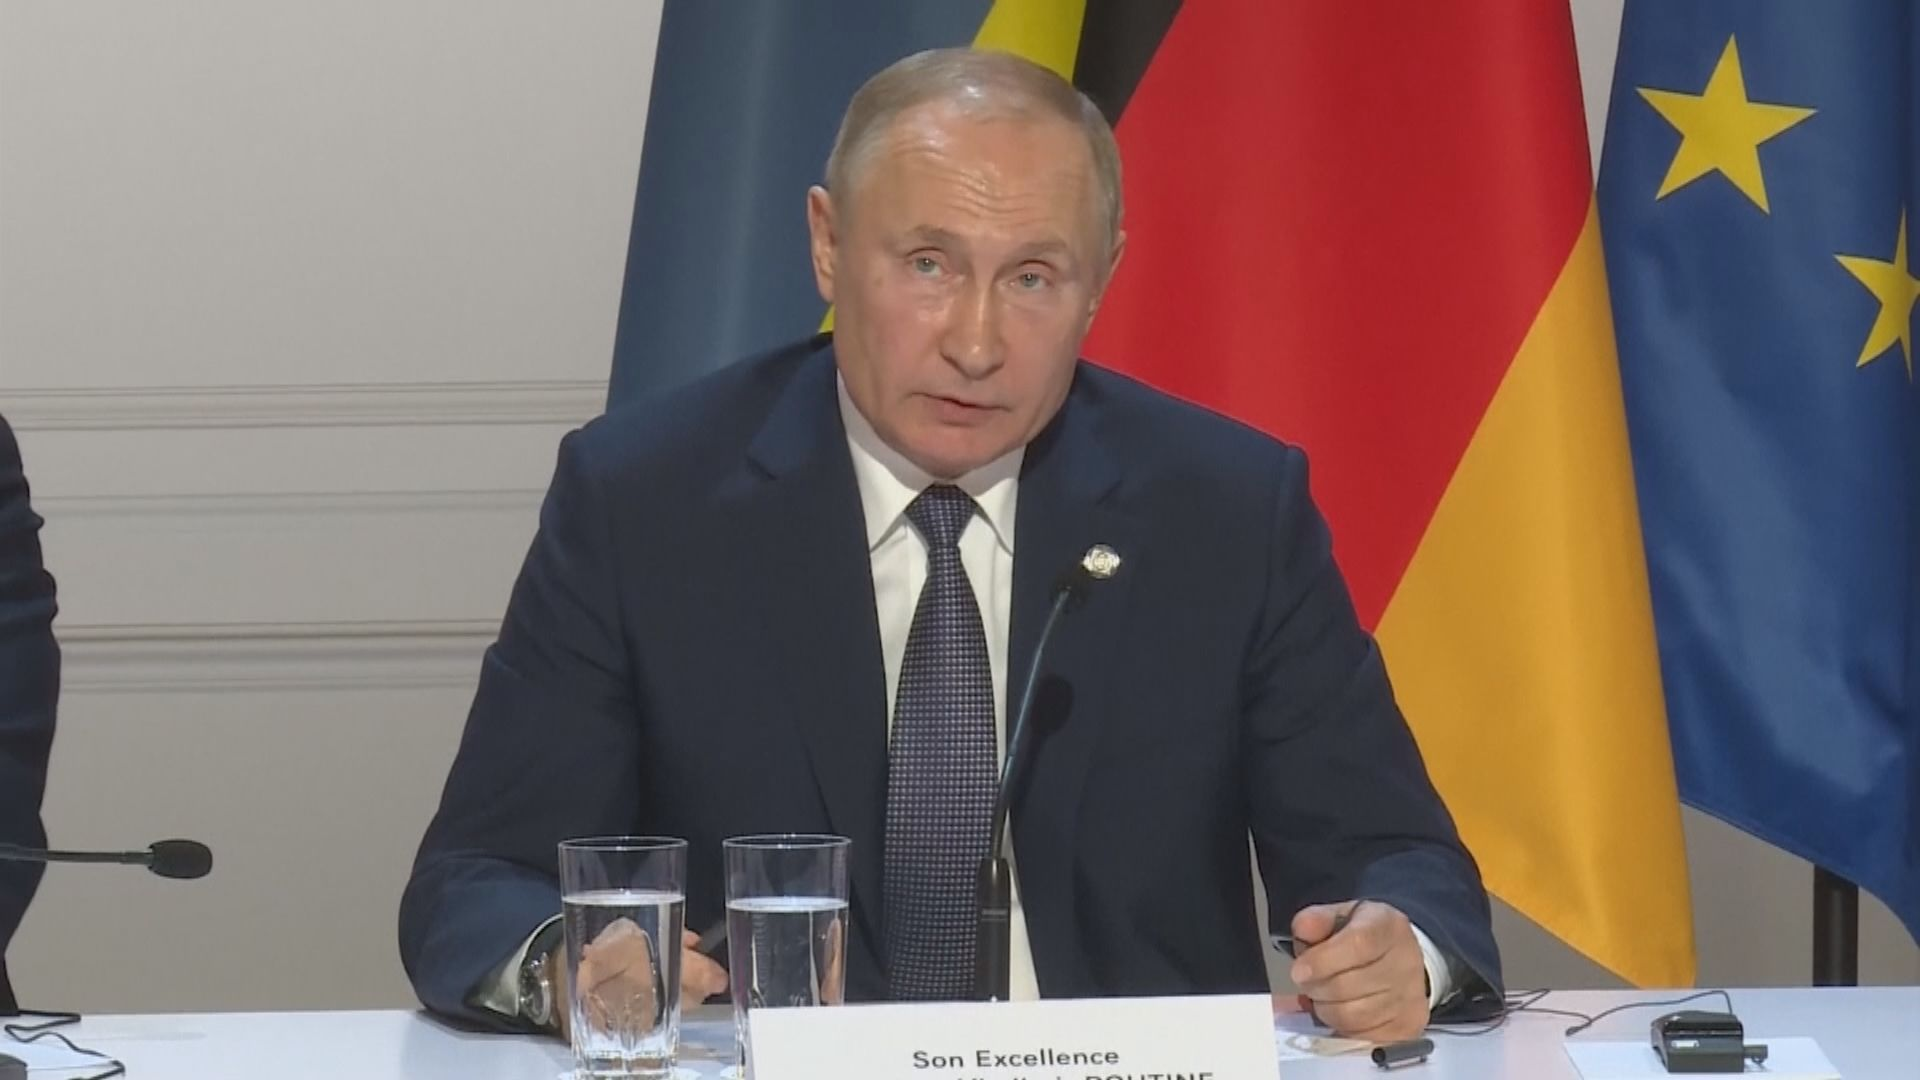 普京指對俄羅斯禁賽判決屬政治考慮